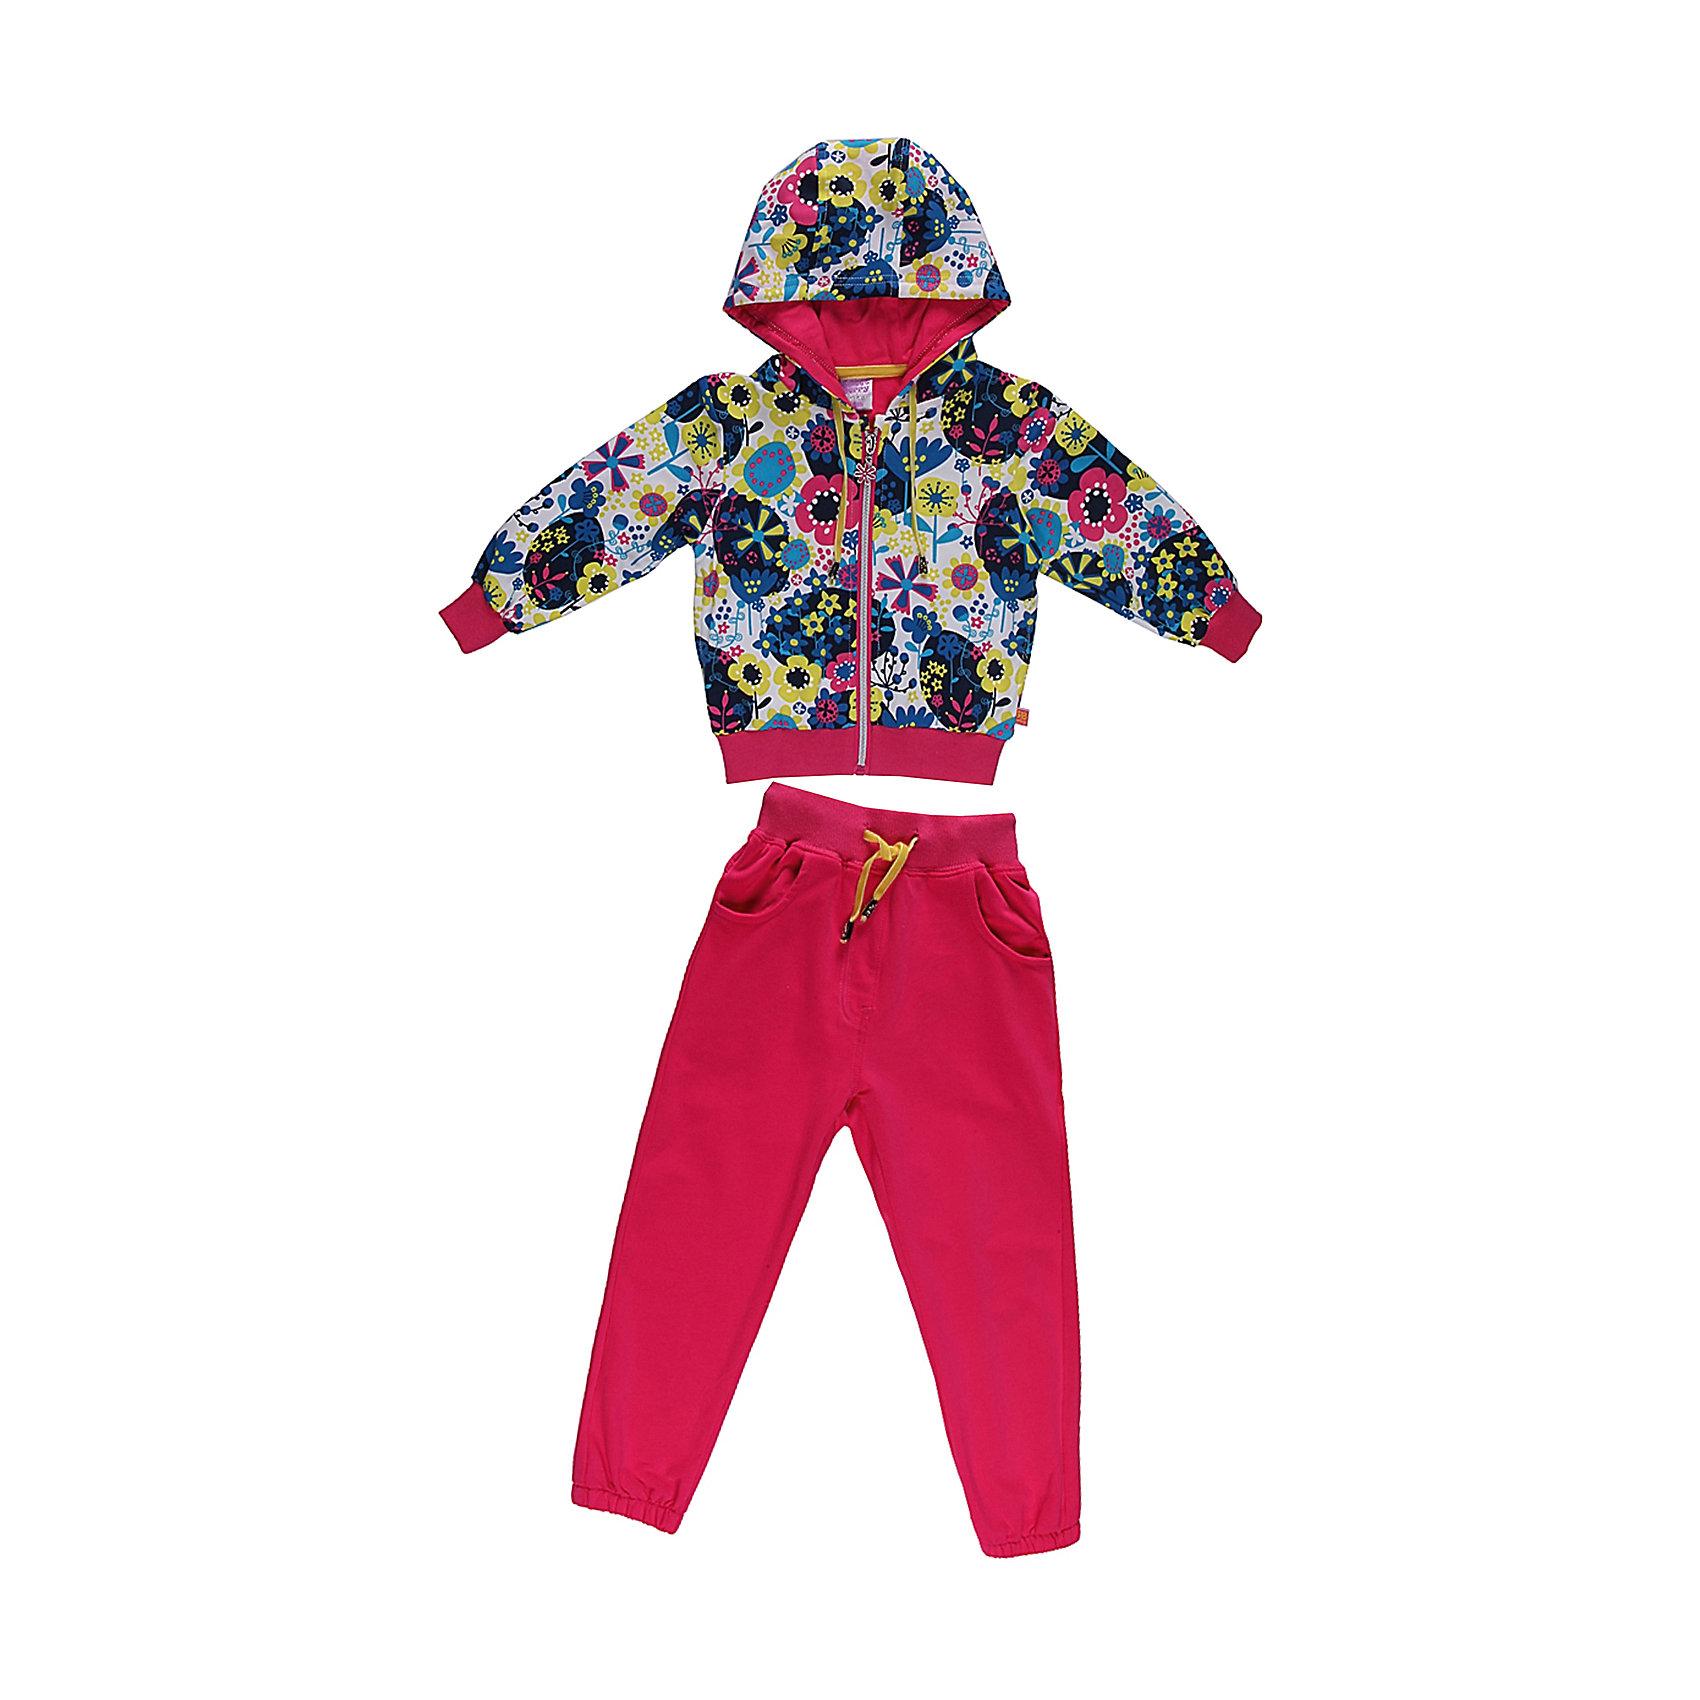 Спортивный костюм для девочки Sweet BerryЯркий  комлект из плотного трикотажа.  Манжеты, низ толстовки и пояс брюк- трикотажная резинка. Пояс регулируется шнурком.<br>Состав:<br>95% хлопок, 5% эластан<br><br>Ширина мм: 247<br>Глубина мм: 16<br>Высота мм: 140<br>Вес г: 225<br>Цвет: розовый<br>Возраст от месяцев: 9<br>Возраст до месяцев: 12<br>Пол: Женский<br>Возраст: Детский<br>Размер: 80,92,86,98<br>SKU: 4520260